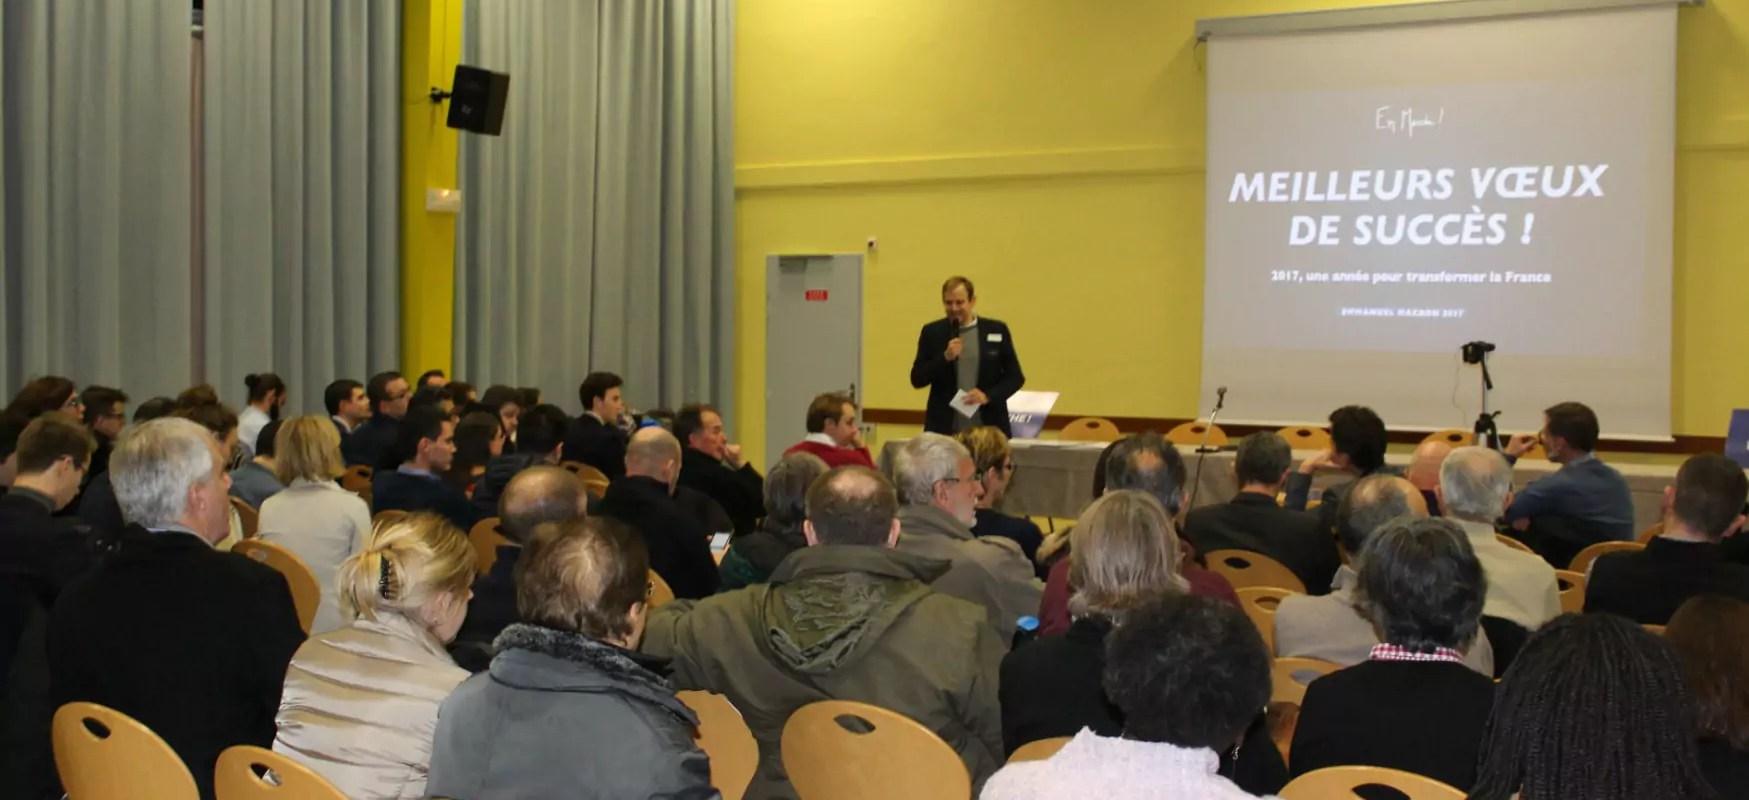 Malaise autour d'une photo d'élus lors d'une soirée d'En Marche à Strasbourg